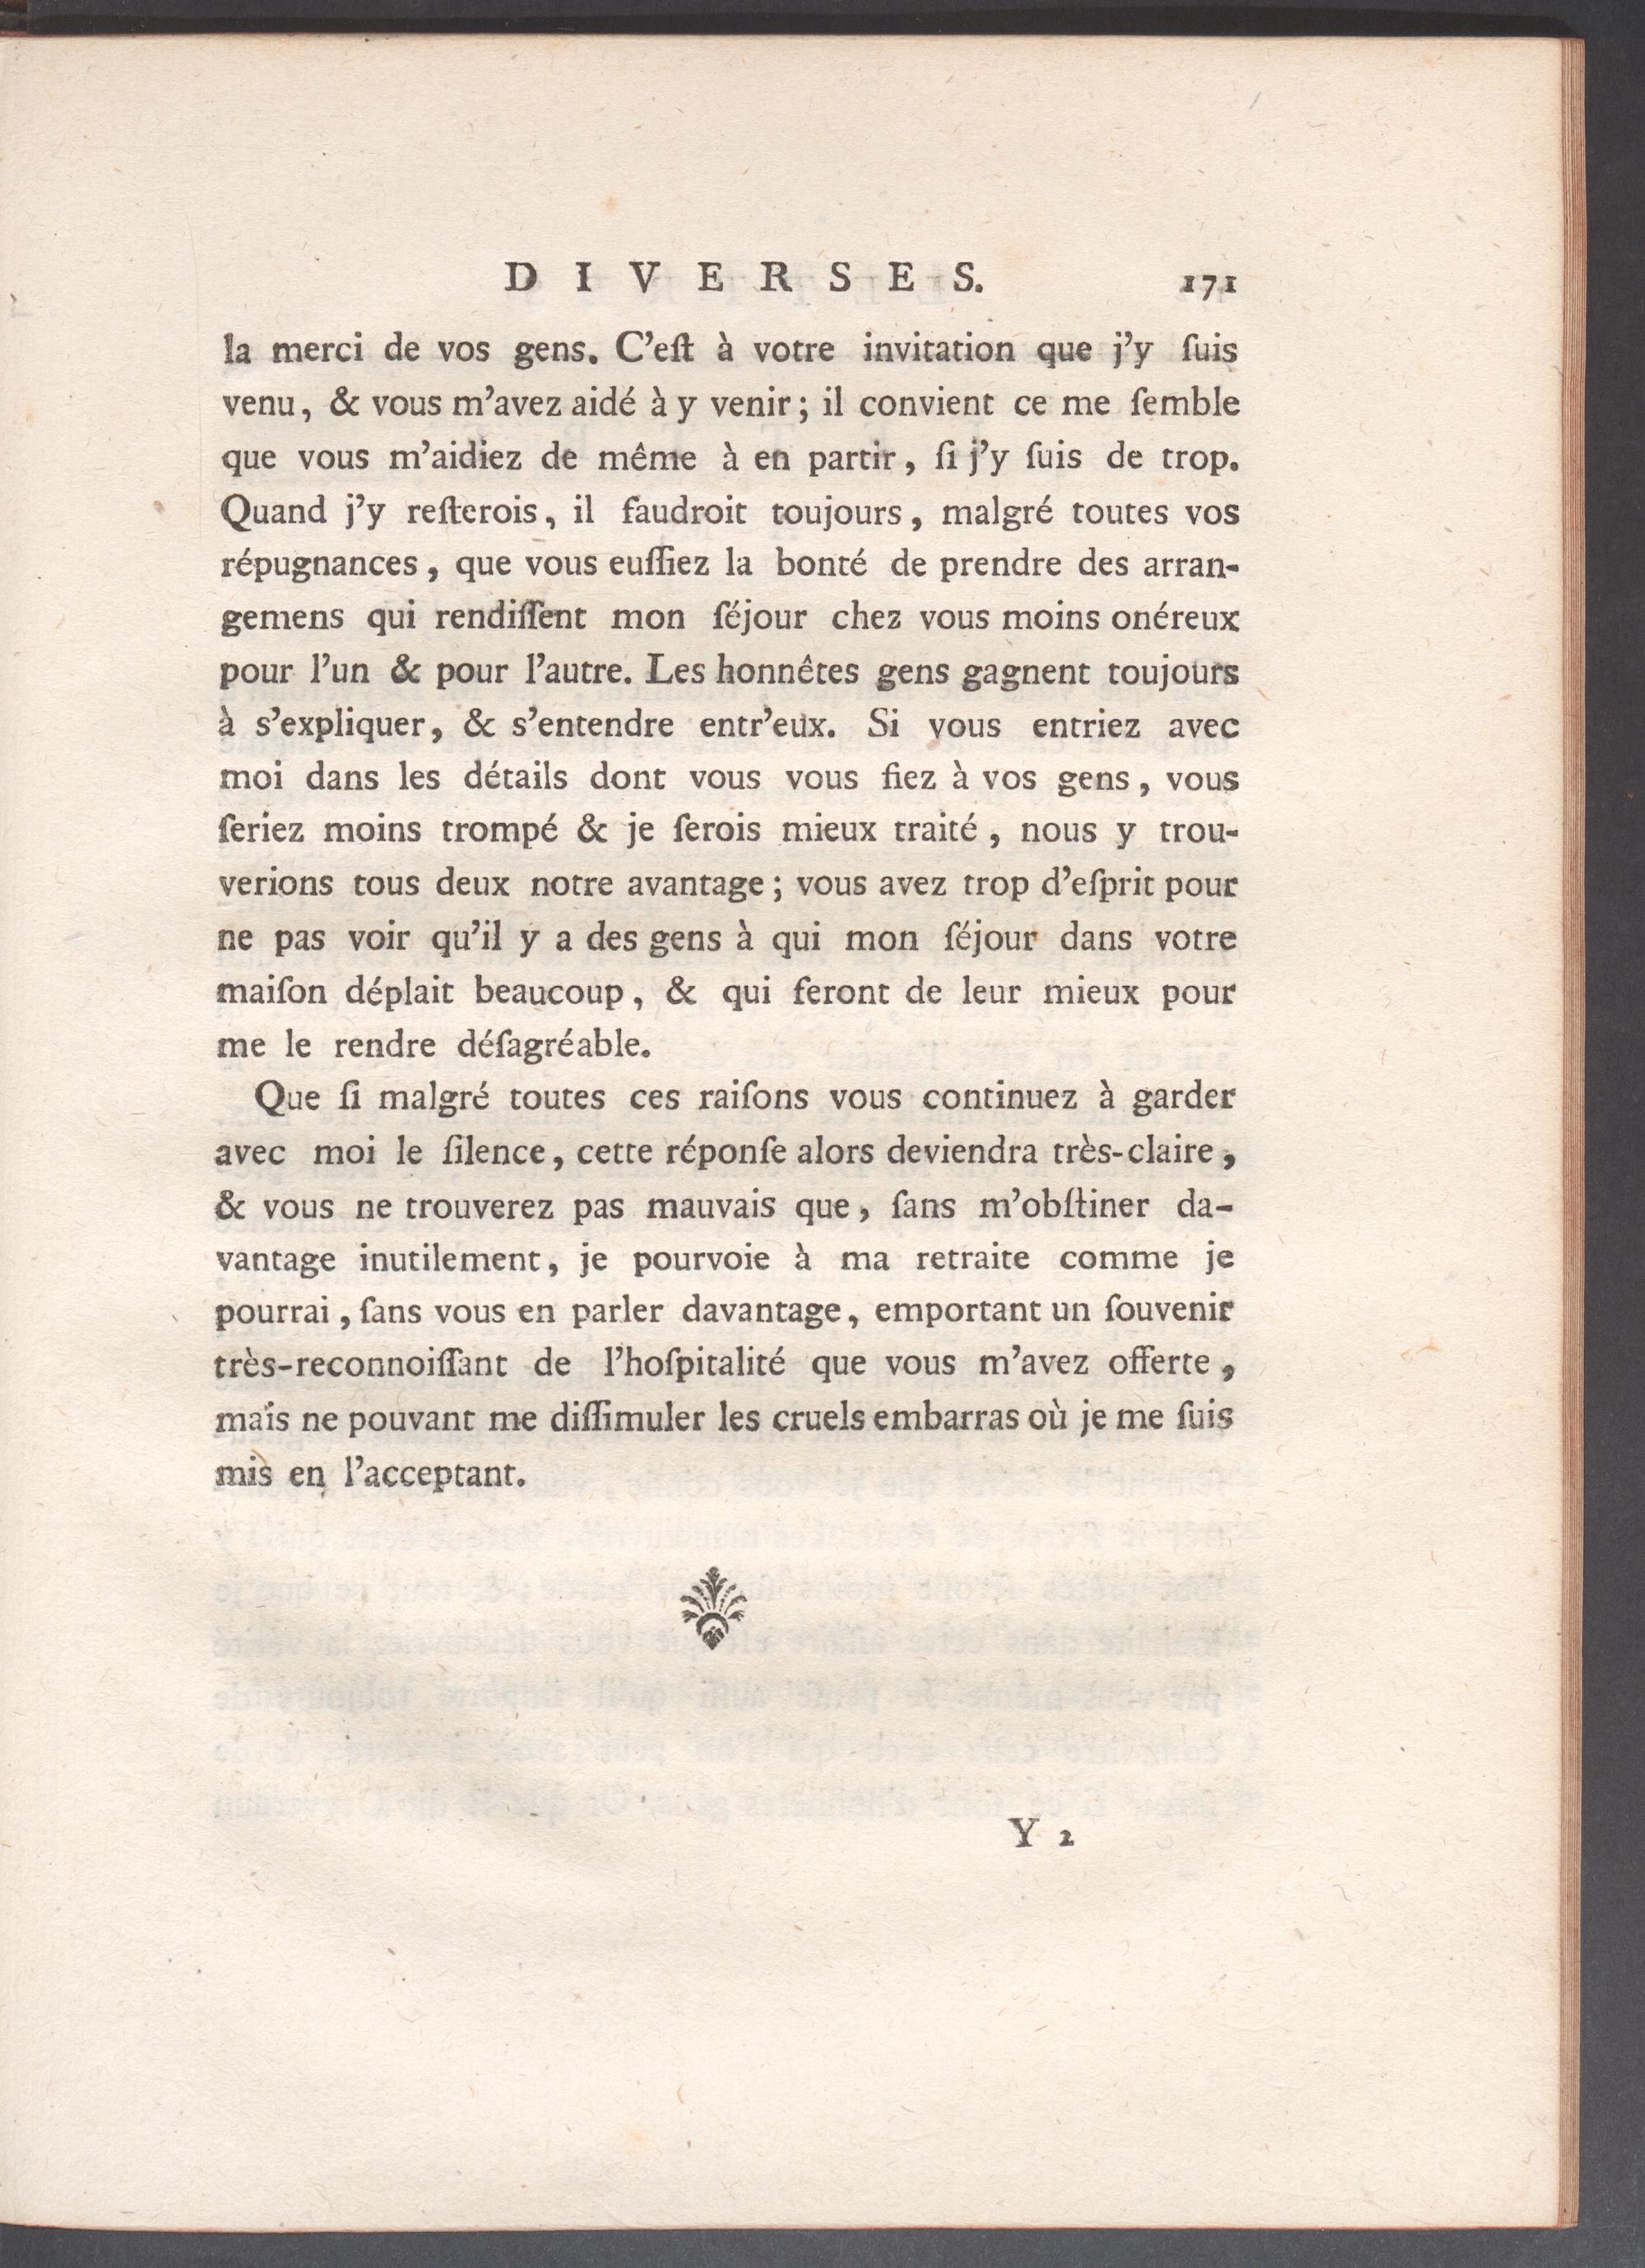 datazione Dictionnaire 17 e 14 anni datazione UK